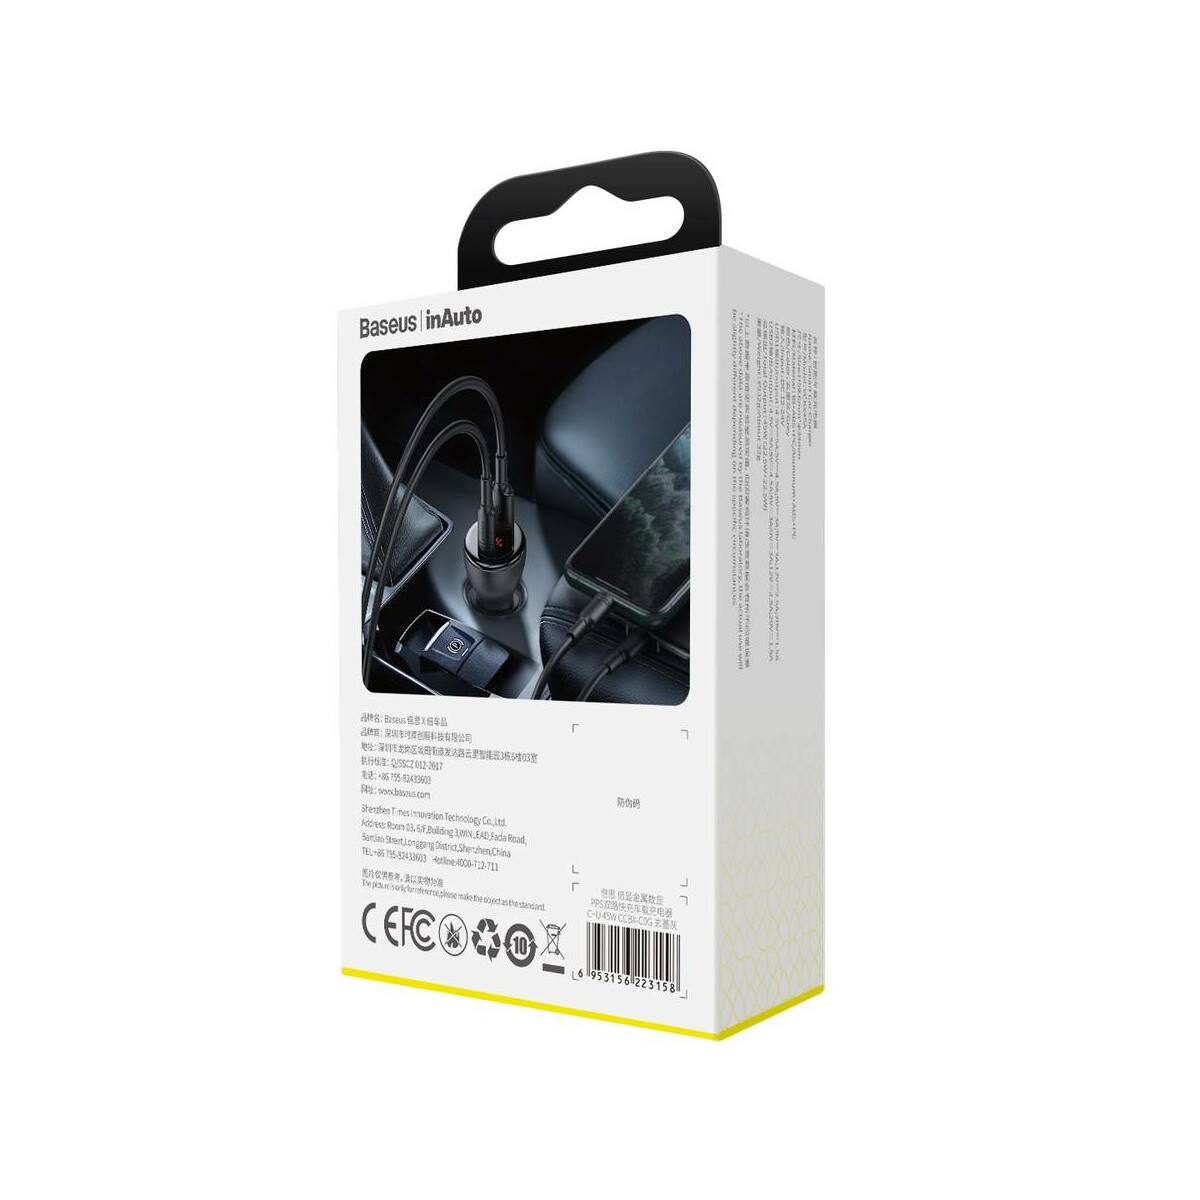 Baseus autós töltő, digitális kijelzővel dupla PPS, QC 3.0 C+U 45W, szürke (CCBX-C0G)